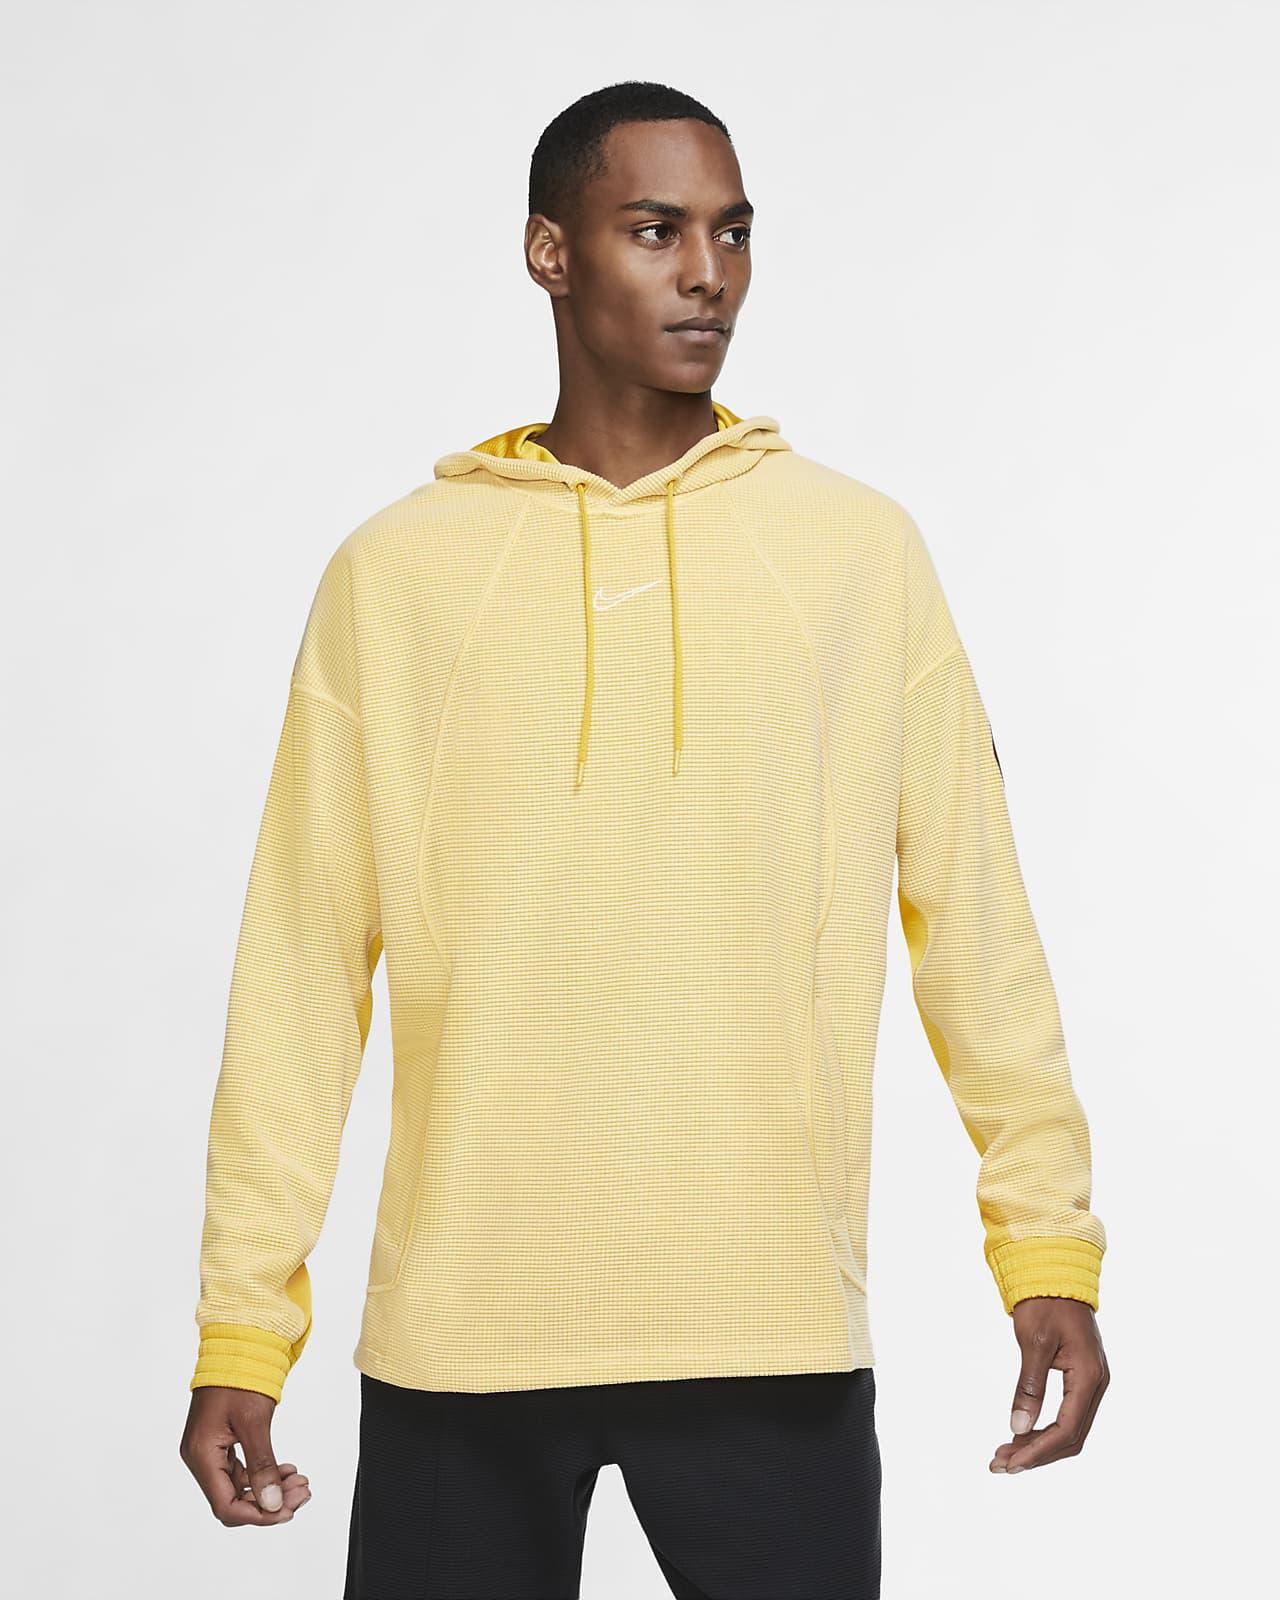 Ανδρική φλις μπλούζα προπόνησης με κουκούλα Nike